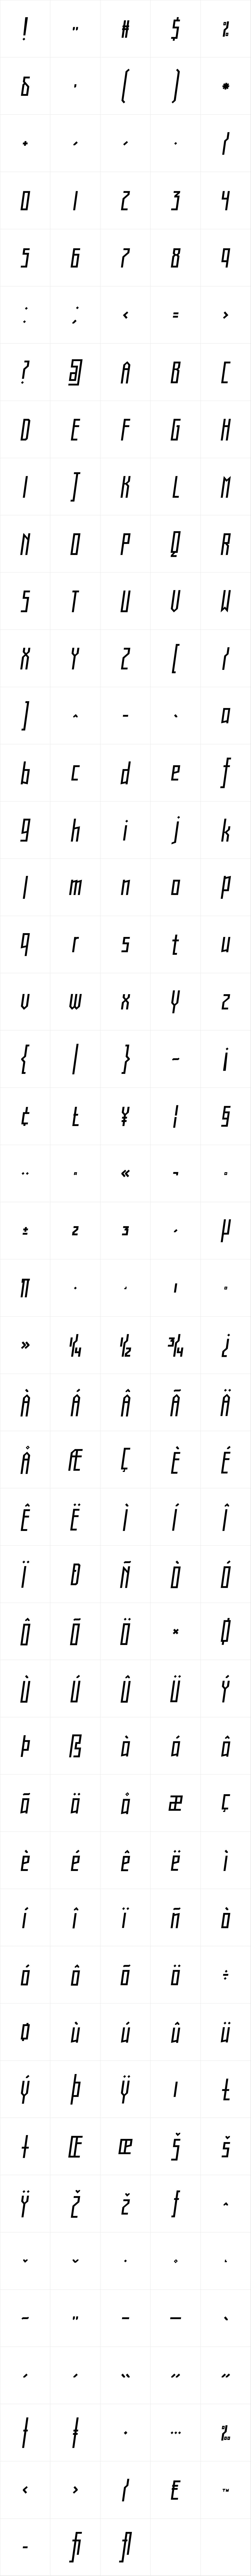 Muzarela Semi condensed Italic